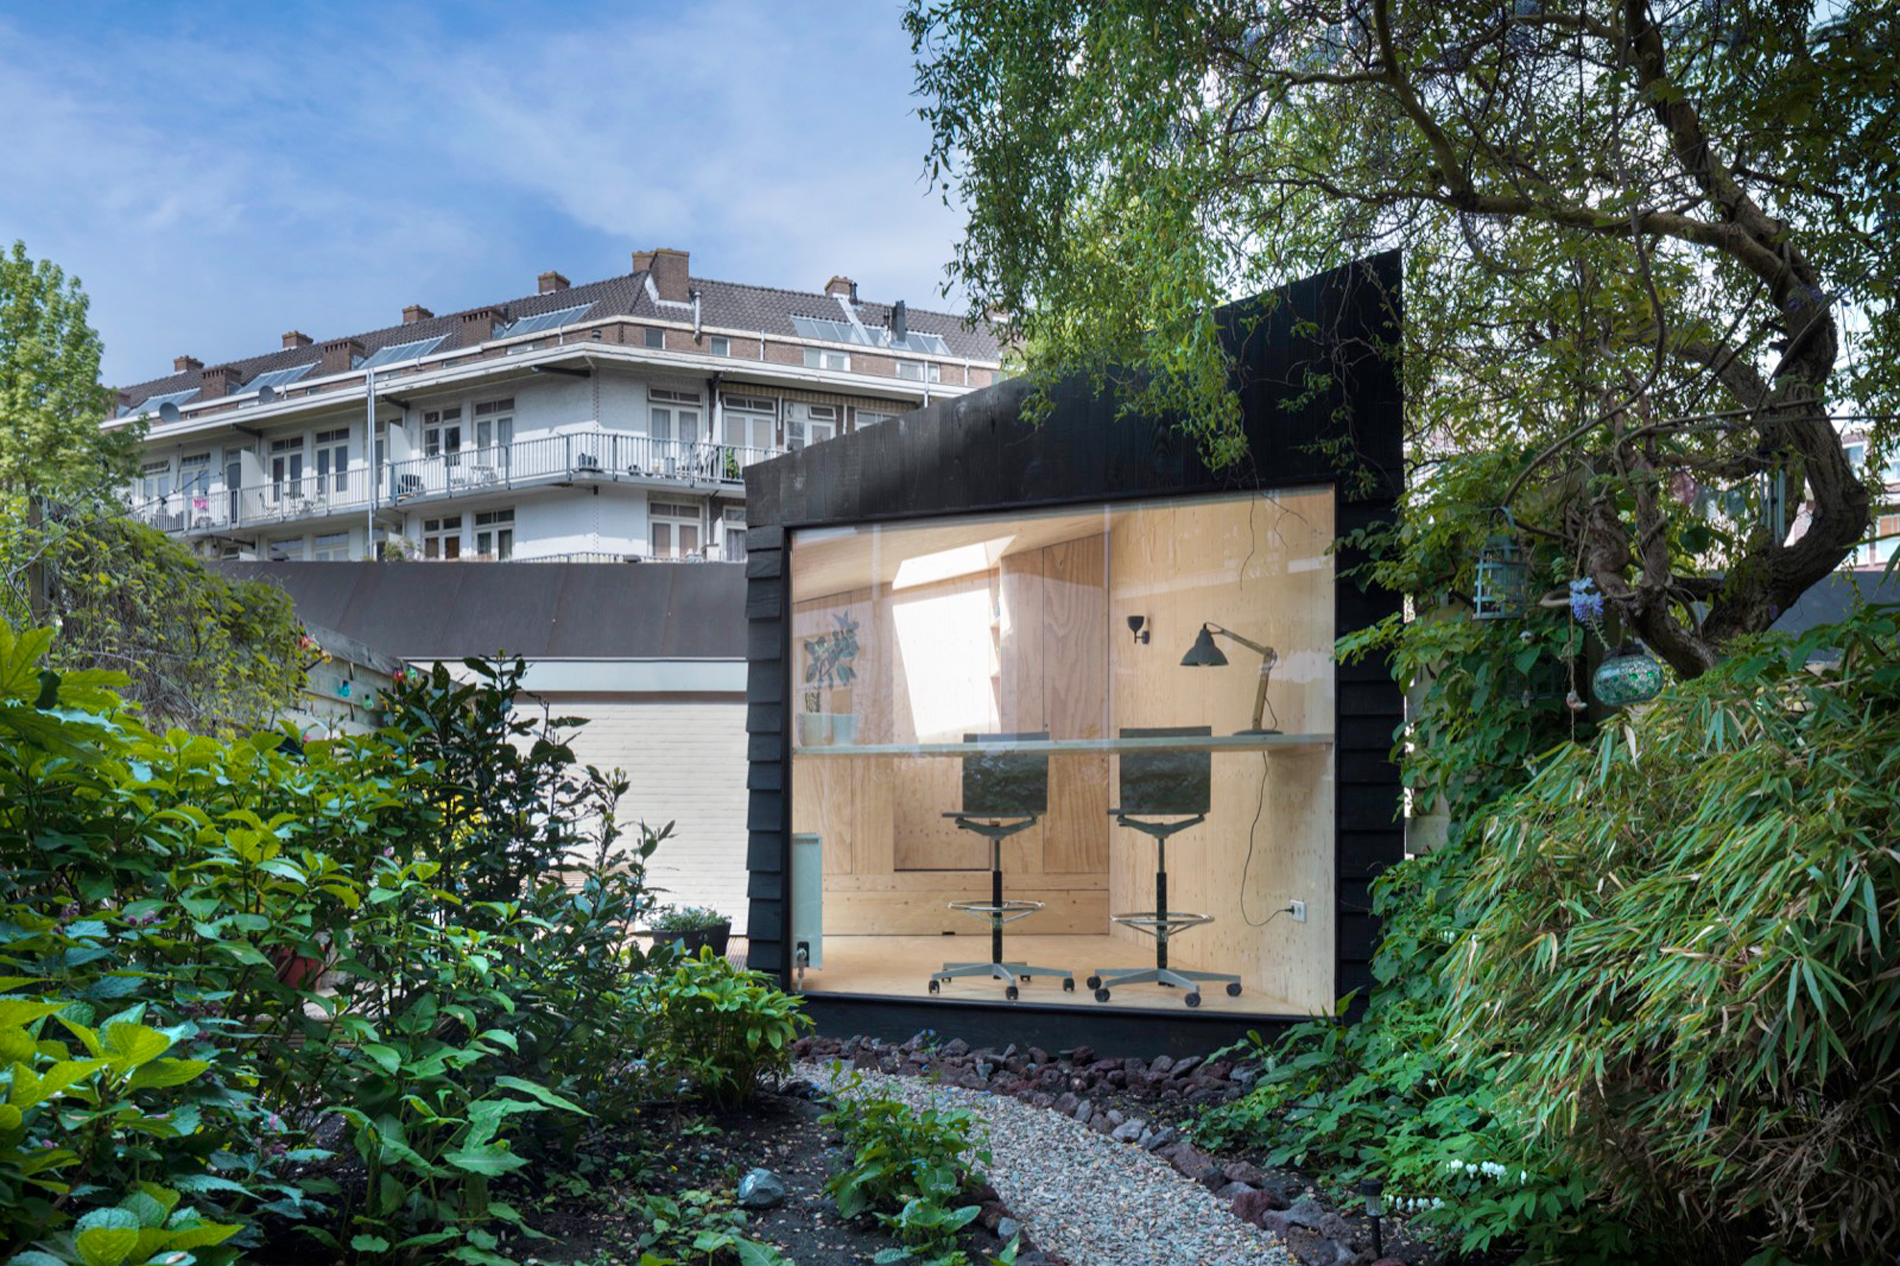 Tuinhuis De Hoek Tuinhuis de Hoek door Laura Alvarez Architecture